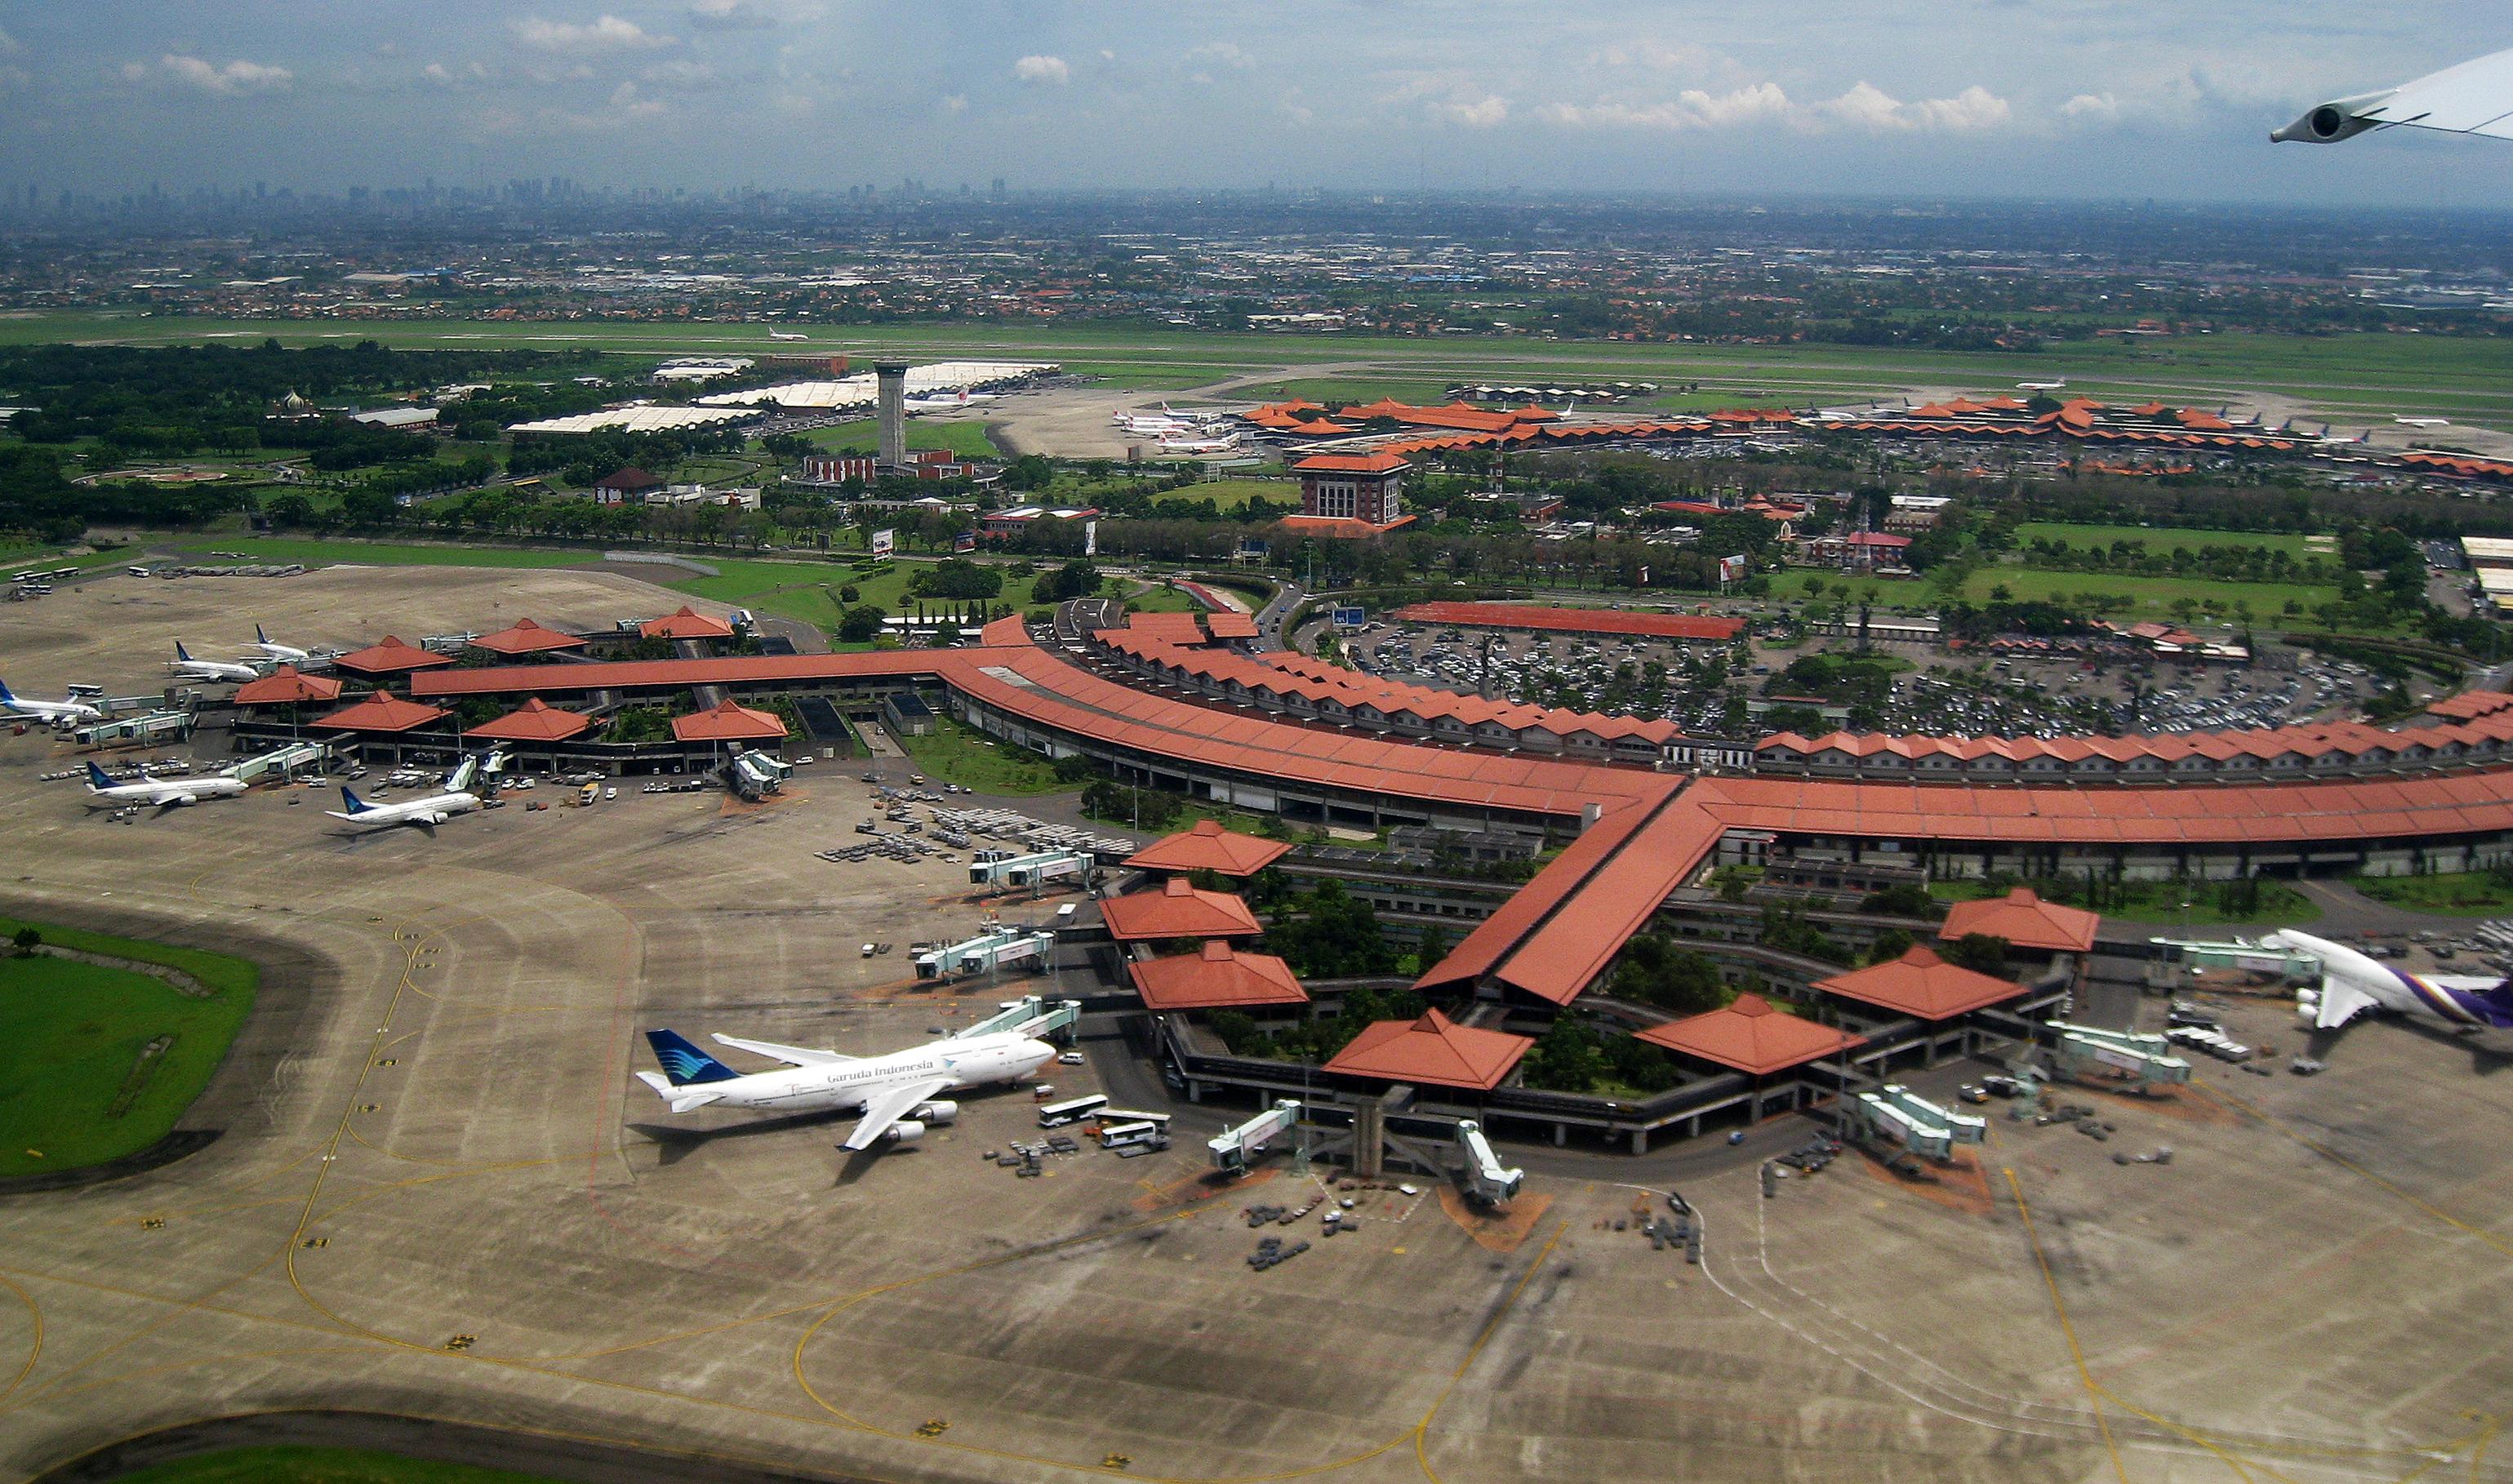 Aeropuerto Internacional de indonesia